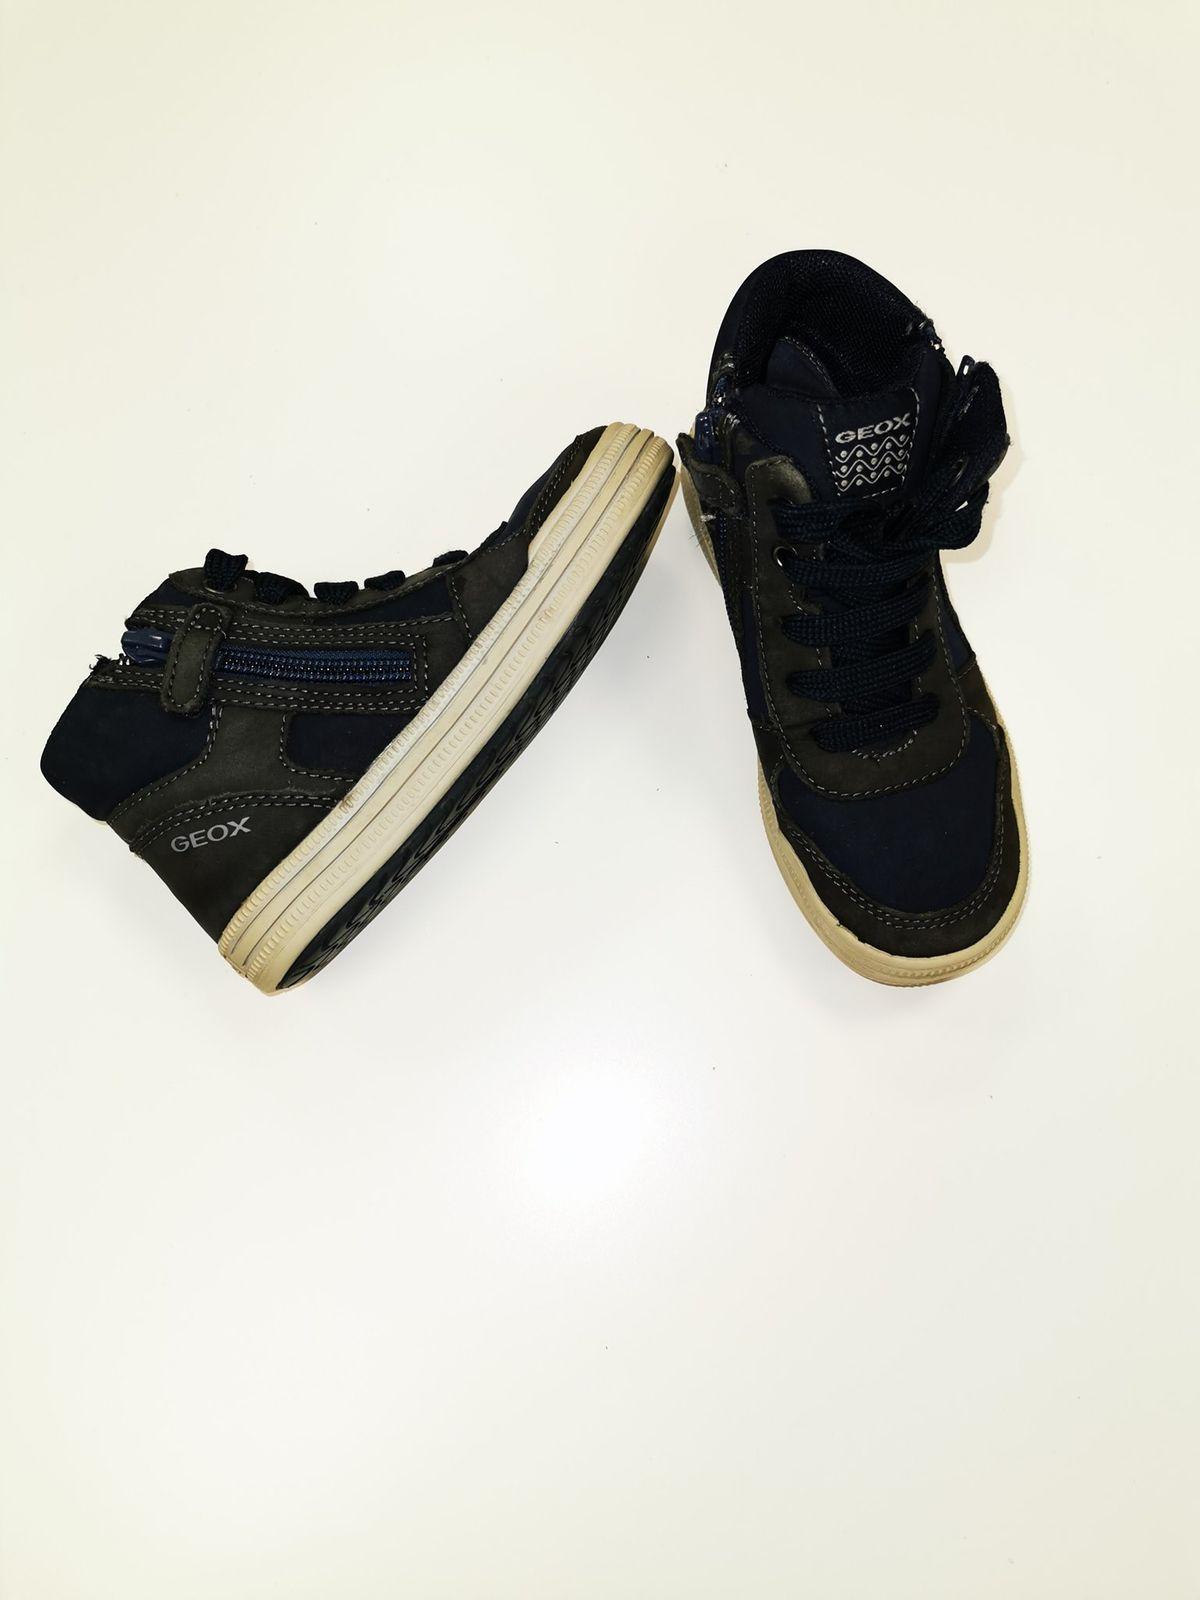 Geox blu Bimbo N 28 9290 Euro 19,00